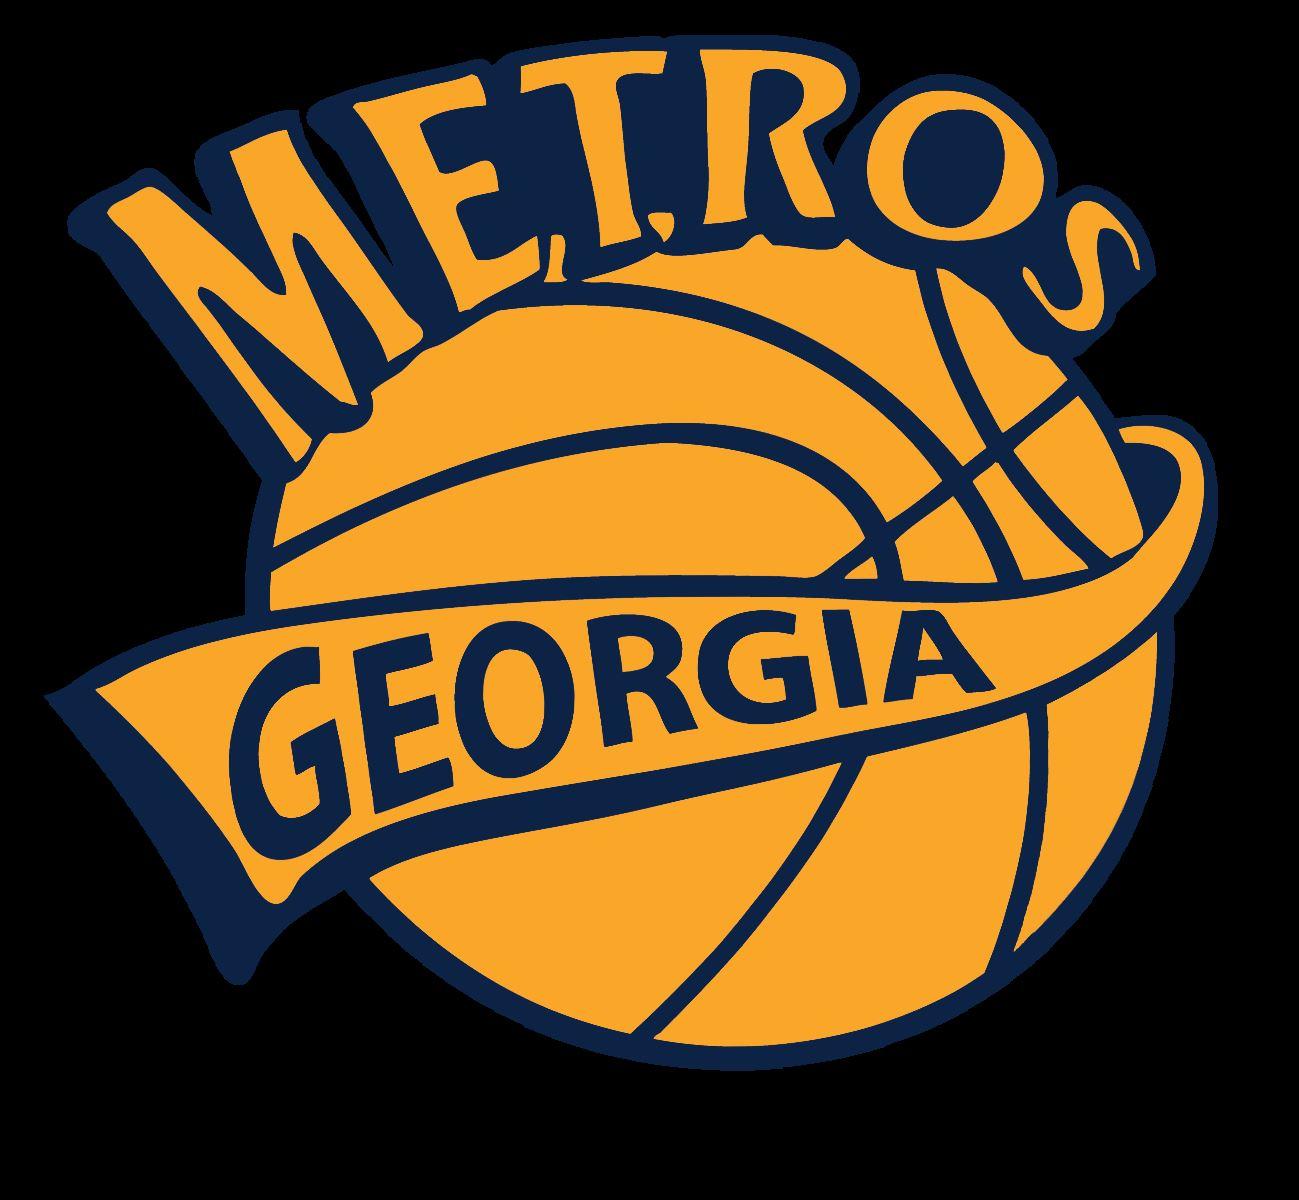 Georgia Metros - Georgia Metros Elite